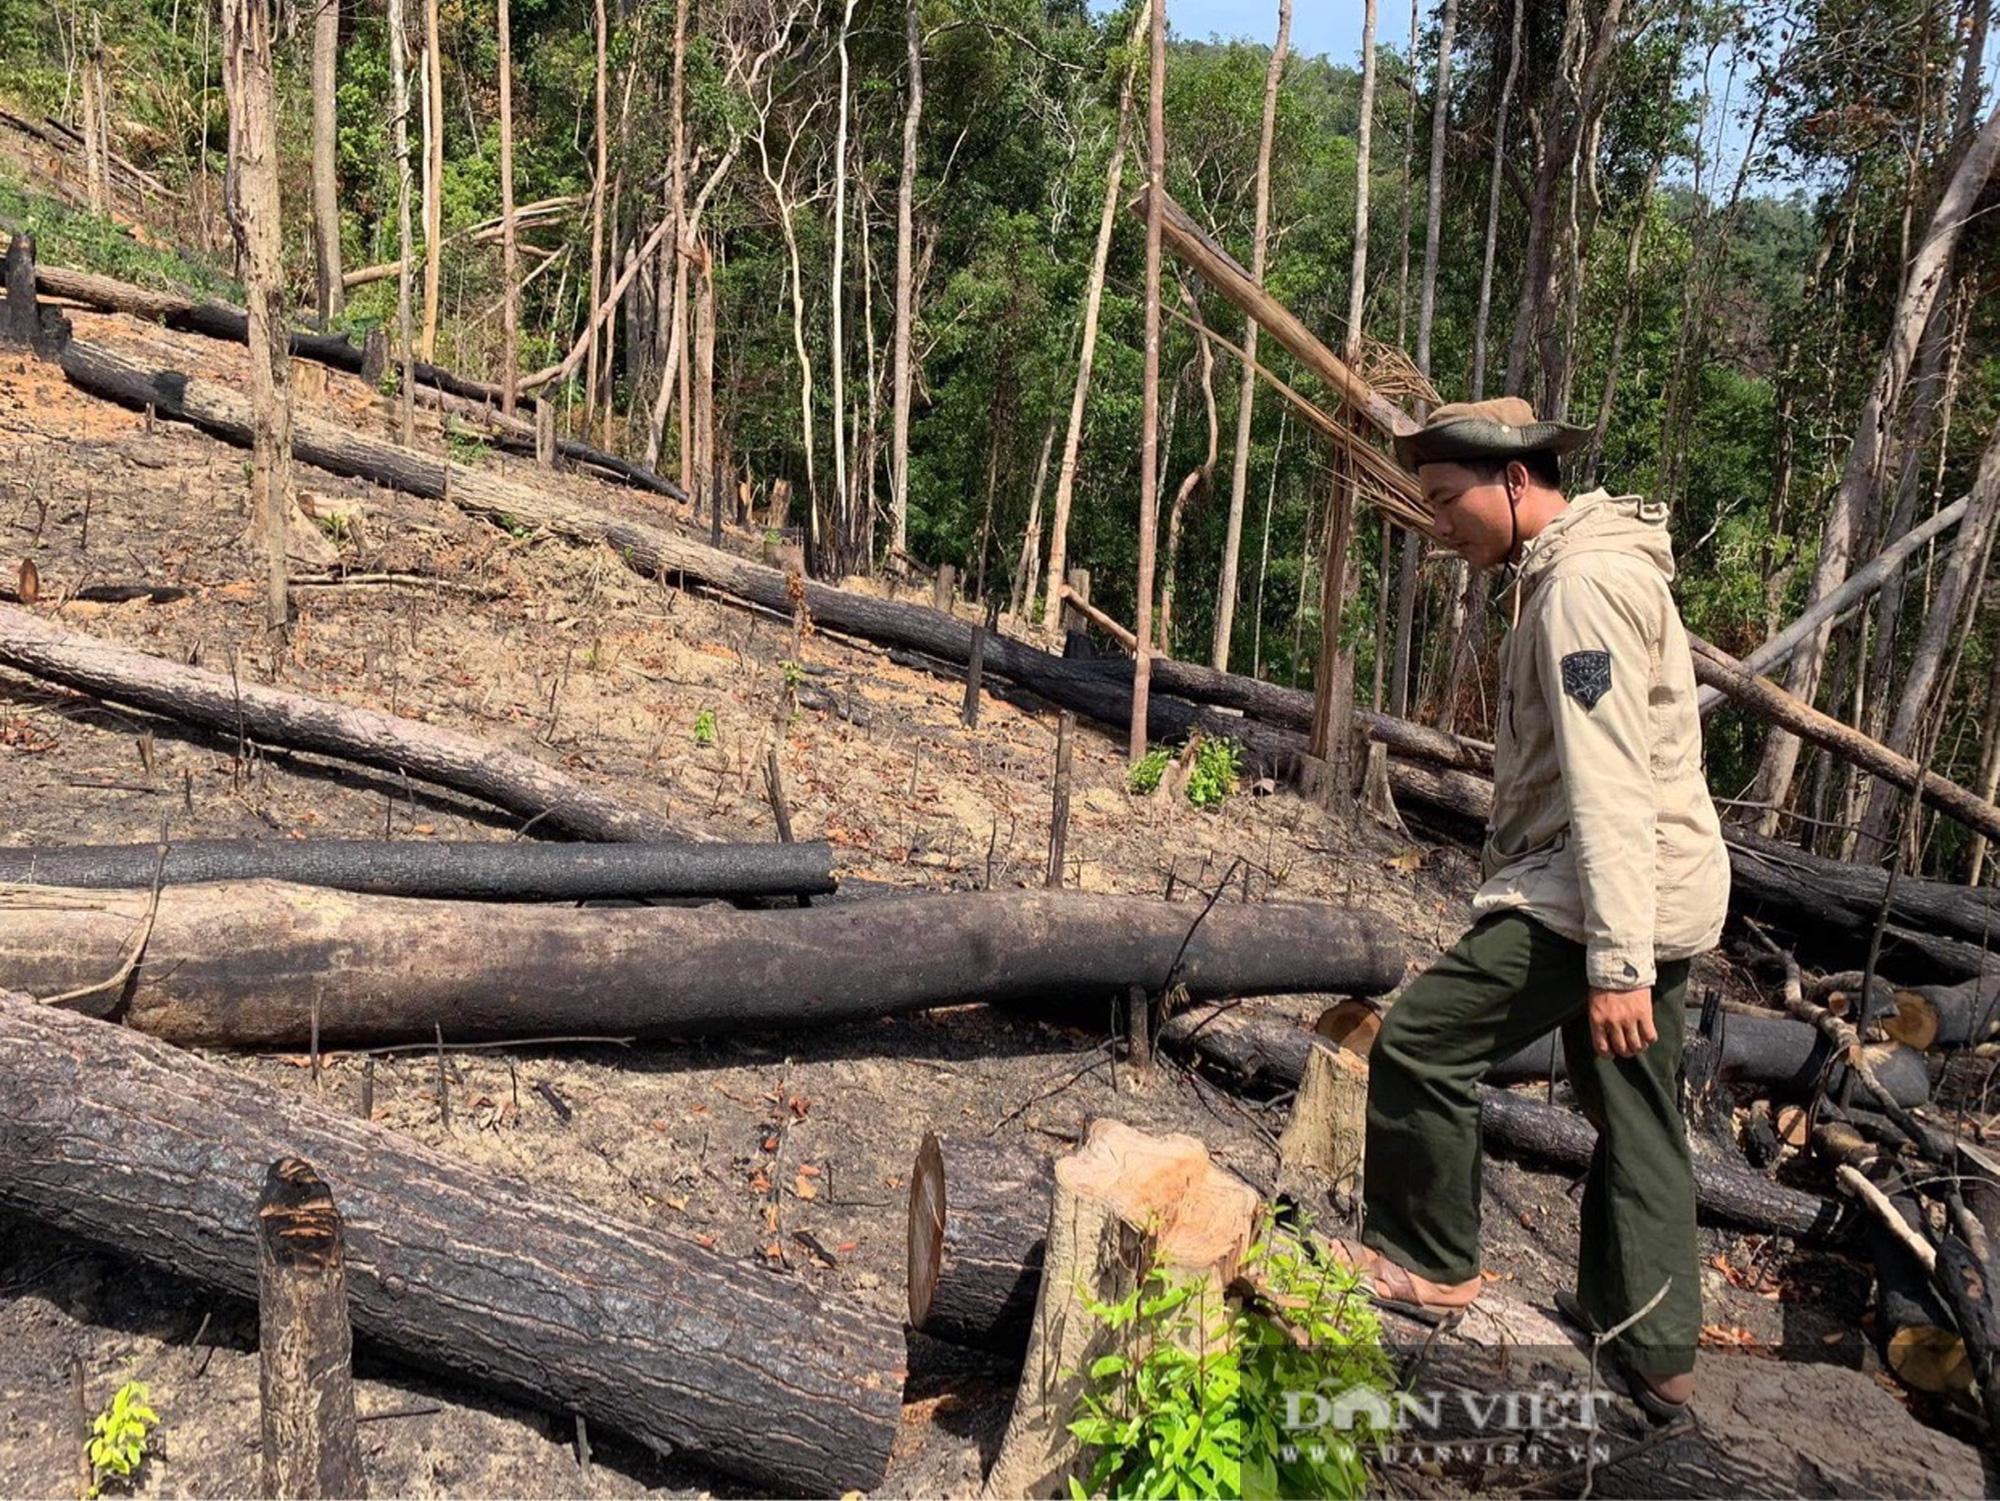 Công ty lâm nghiệp Krông Bông (Đắk Lắk): Rừng bị phá tan hoang, lãnh đạo mất đoàn kết  - Ảnh 8.